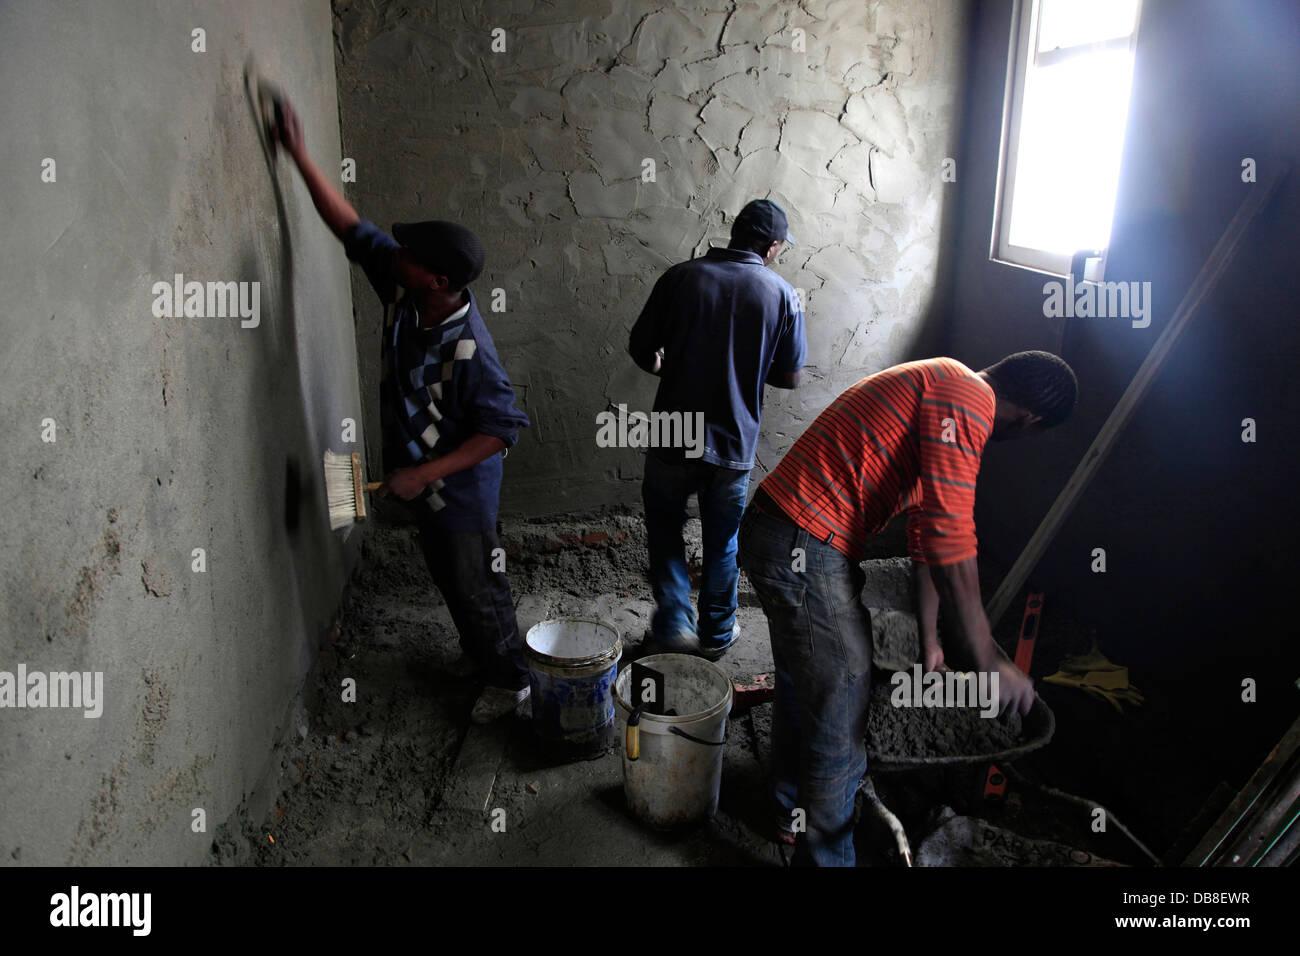 Renovierung am Haus, Verputzen von Wänden, Zement Stockfoto, Bild ...